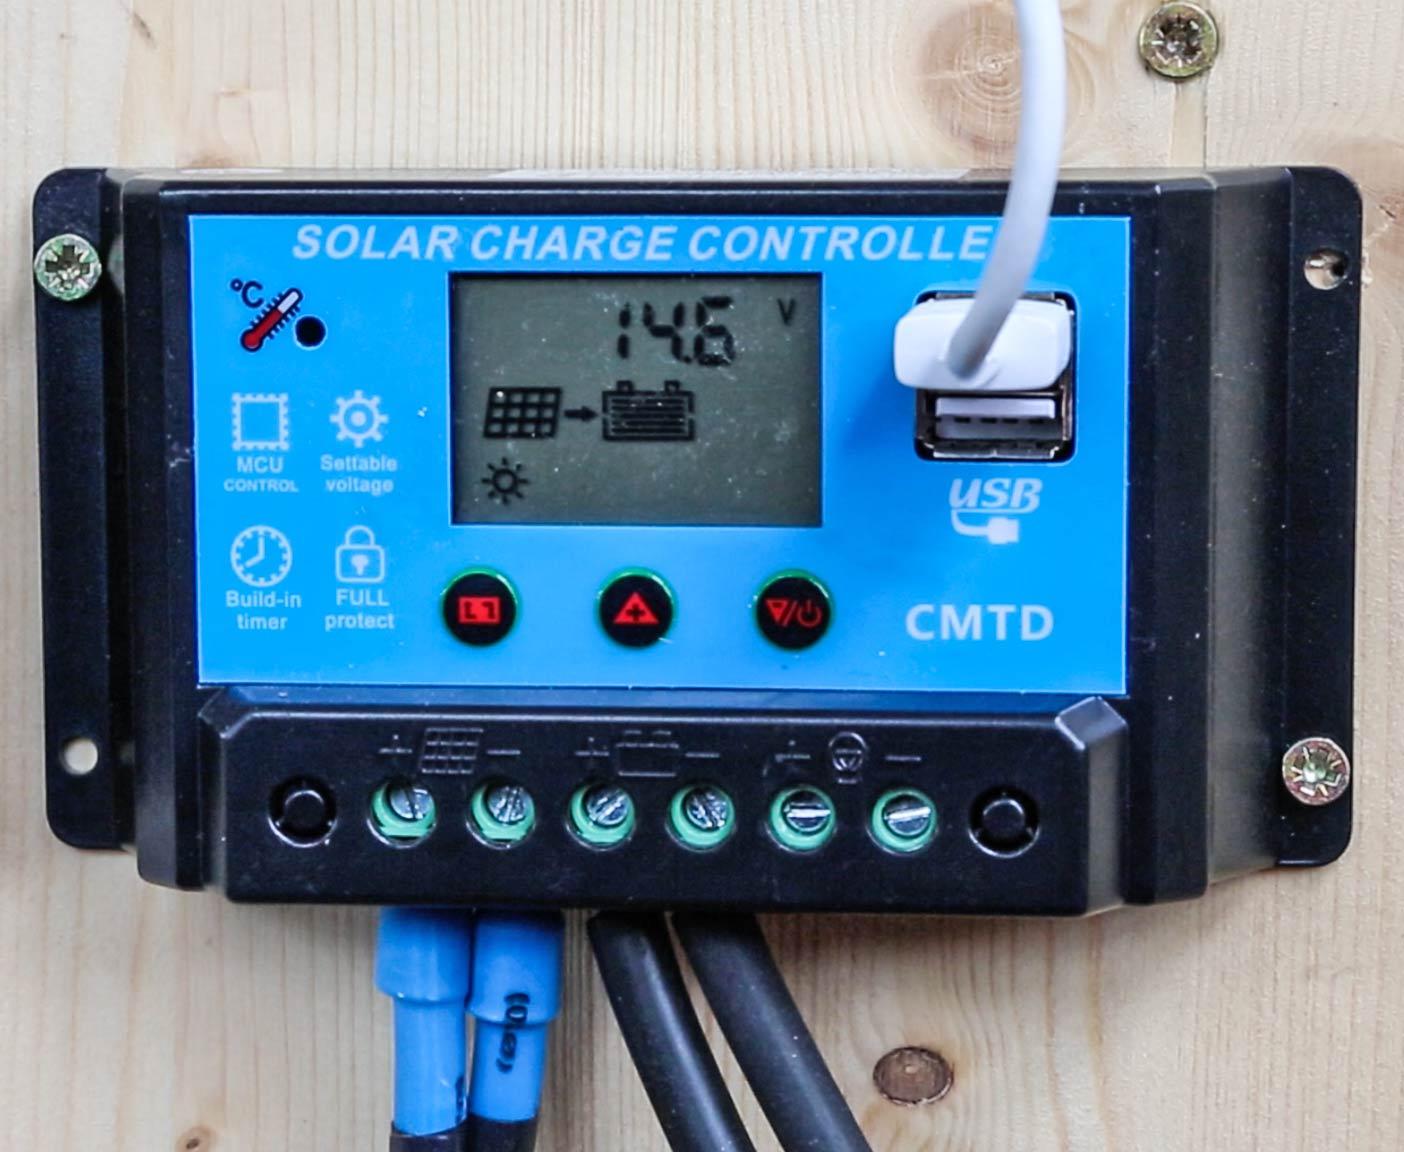 solaranlage-wohnmobil-nachrüsten-schaltplan-berechnen-inklusive-einbau-lomplettset-gebraucht-100w-selber-planen-mobile-billiger-solarladeregler